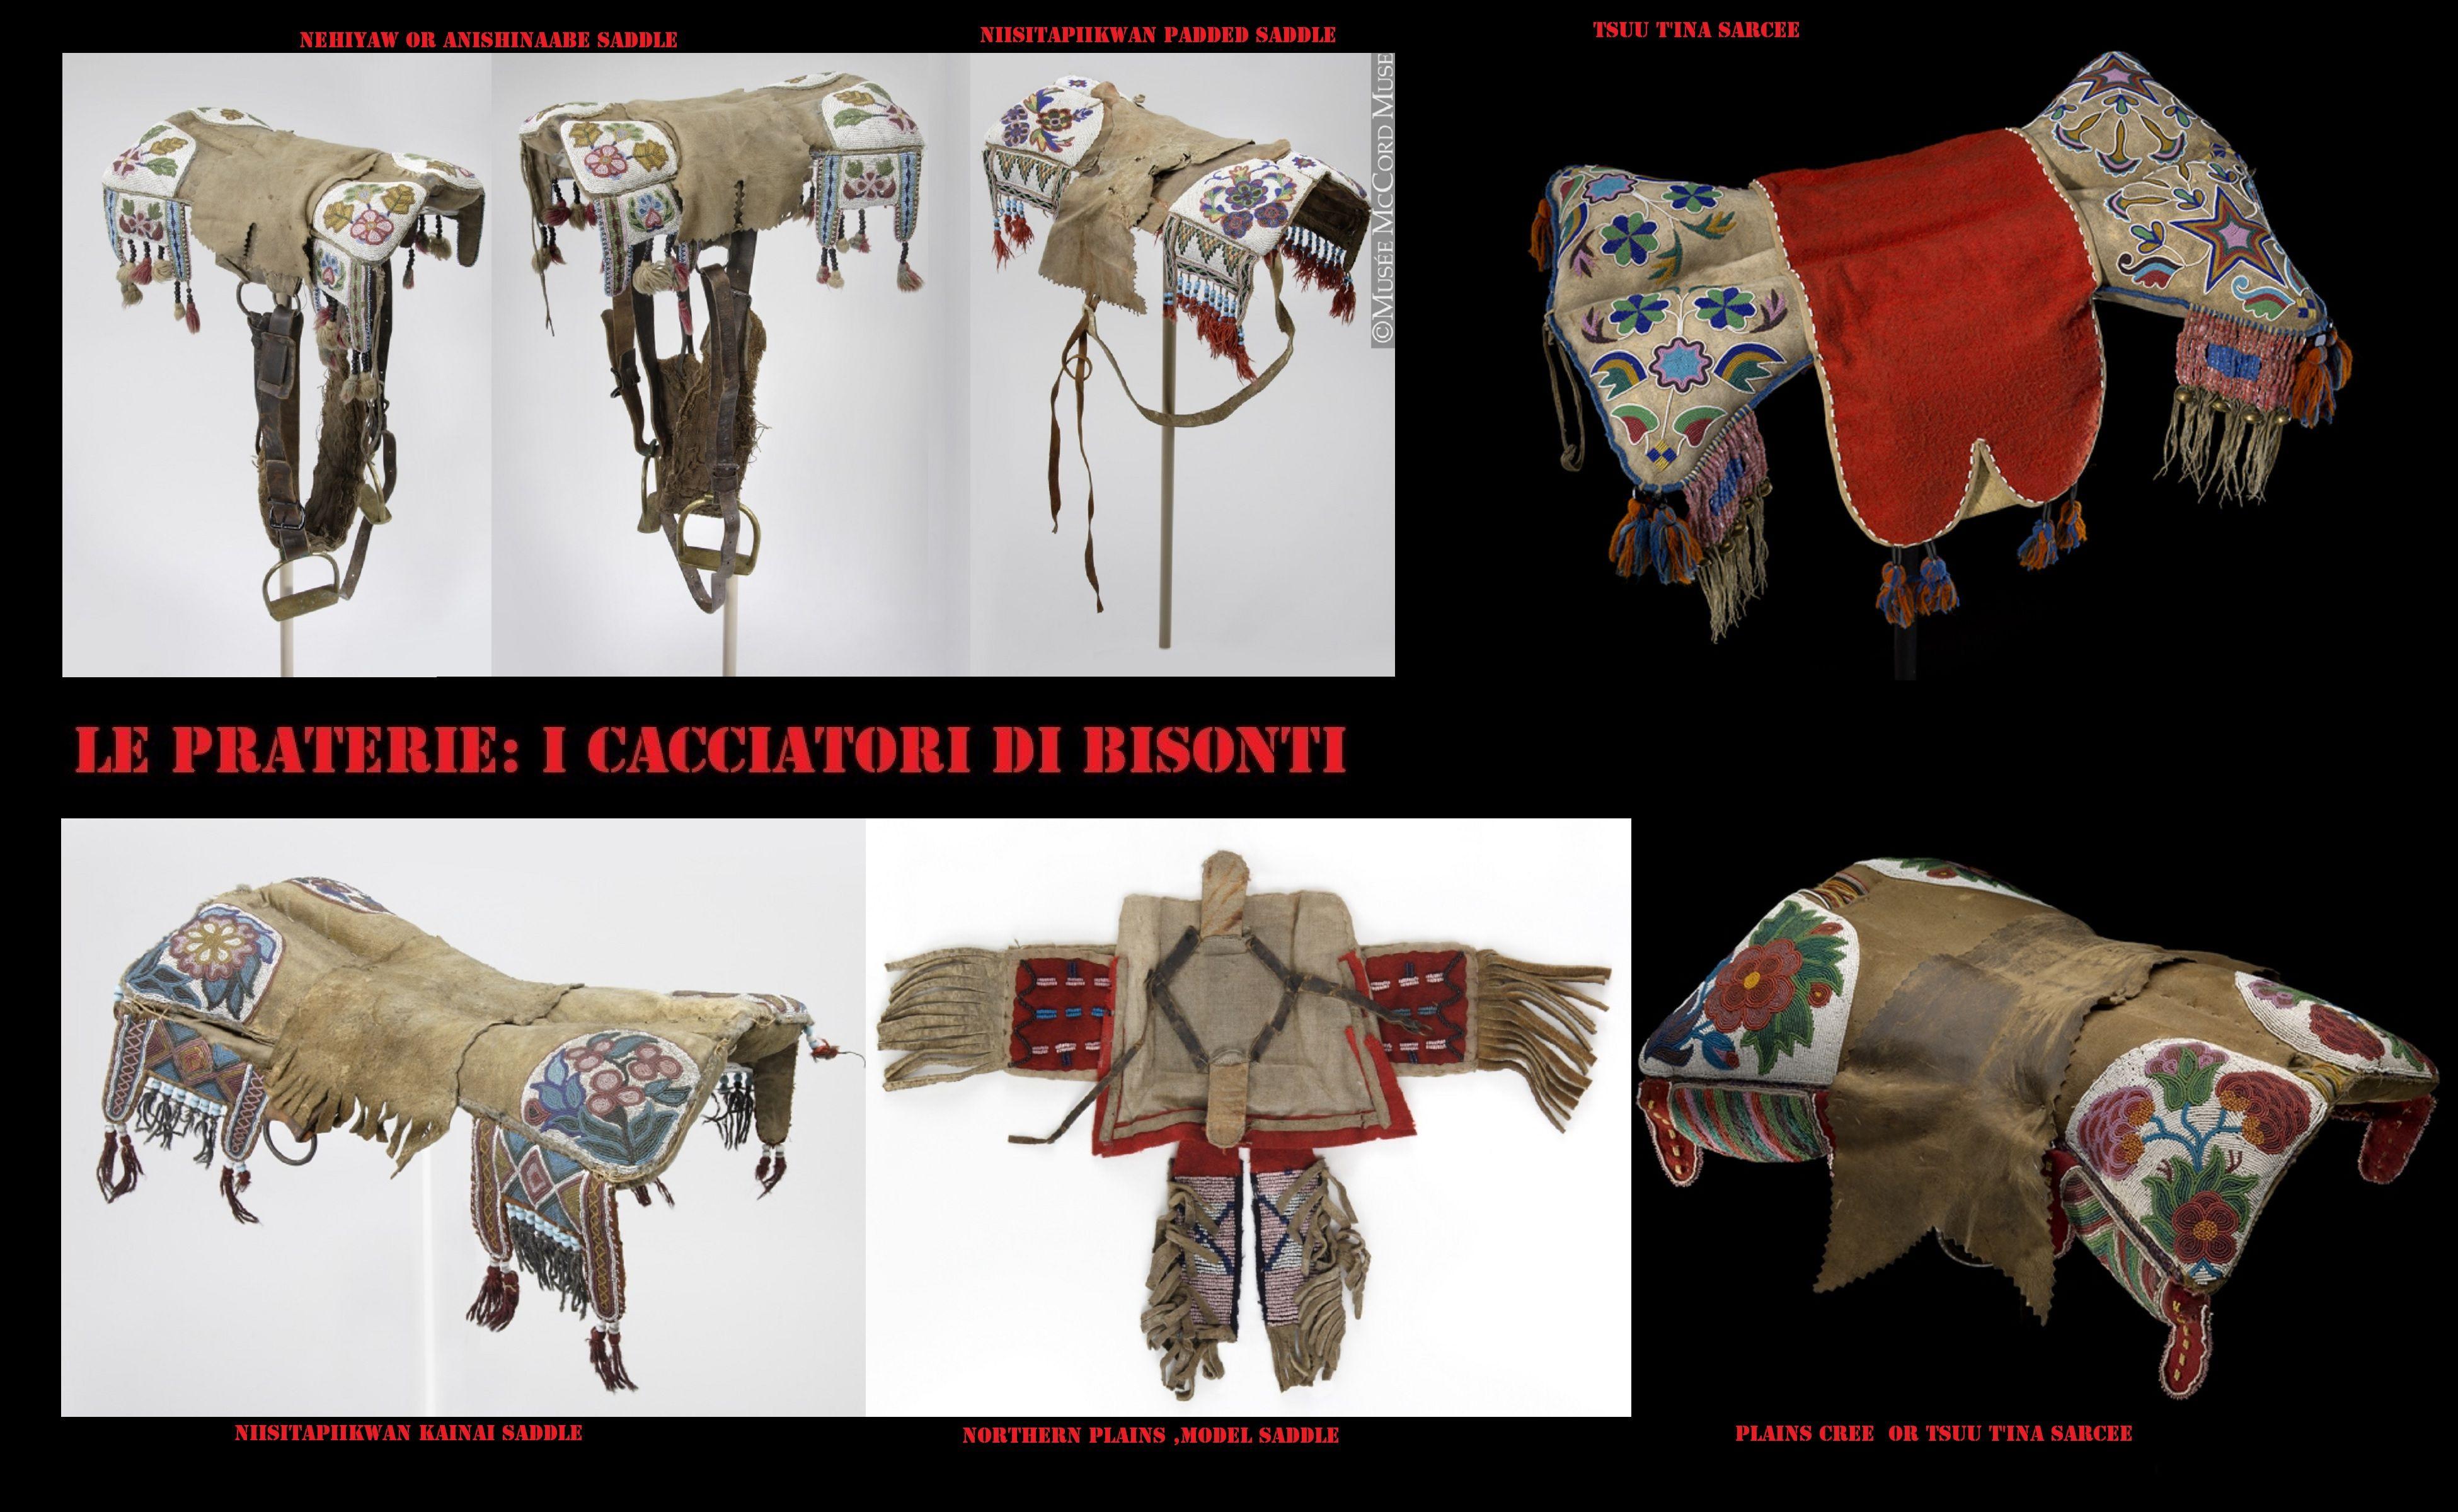 Le selle da uomo erano di dimensioni ridotte a forma di doppio cuscino.